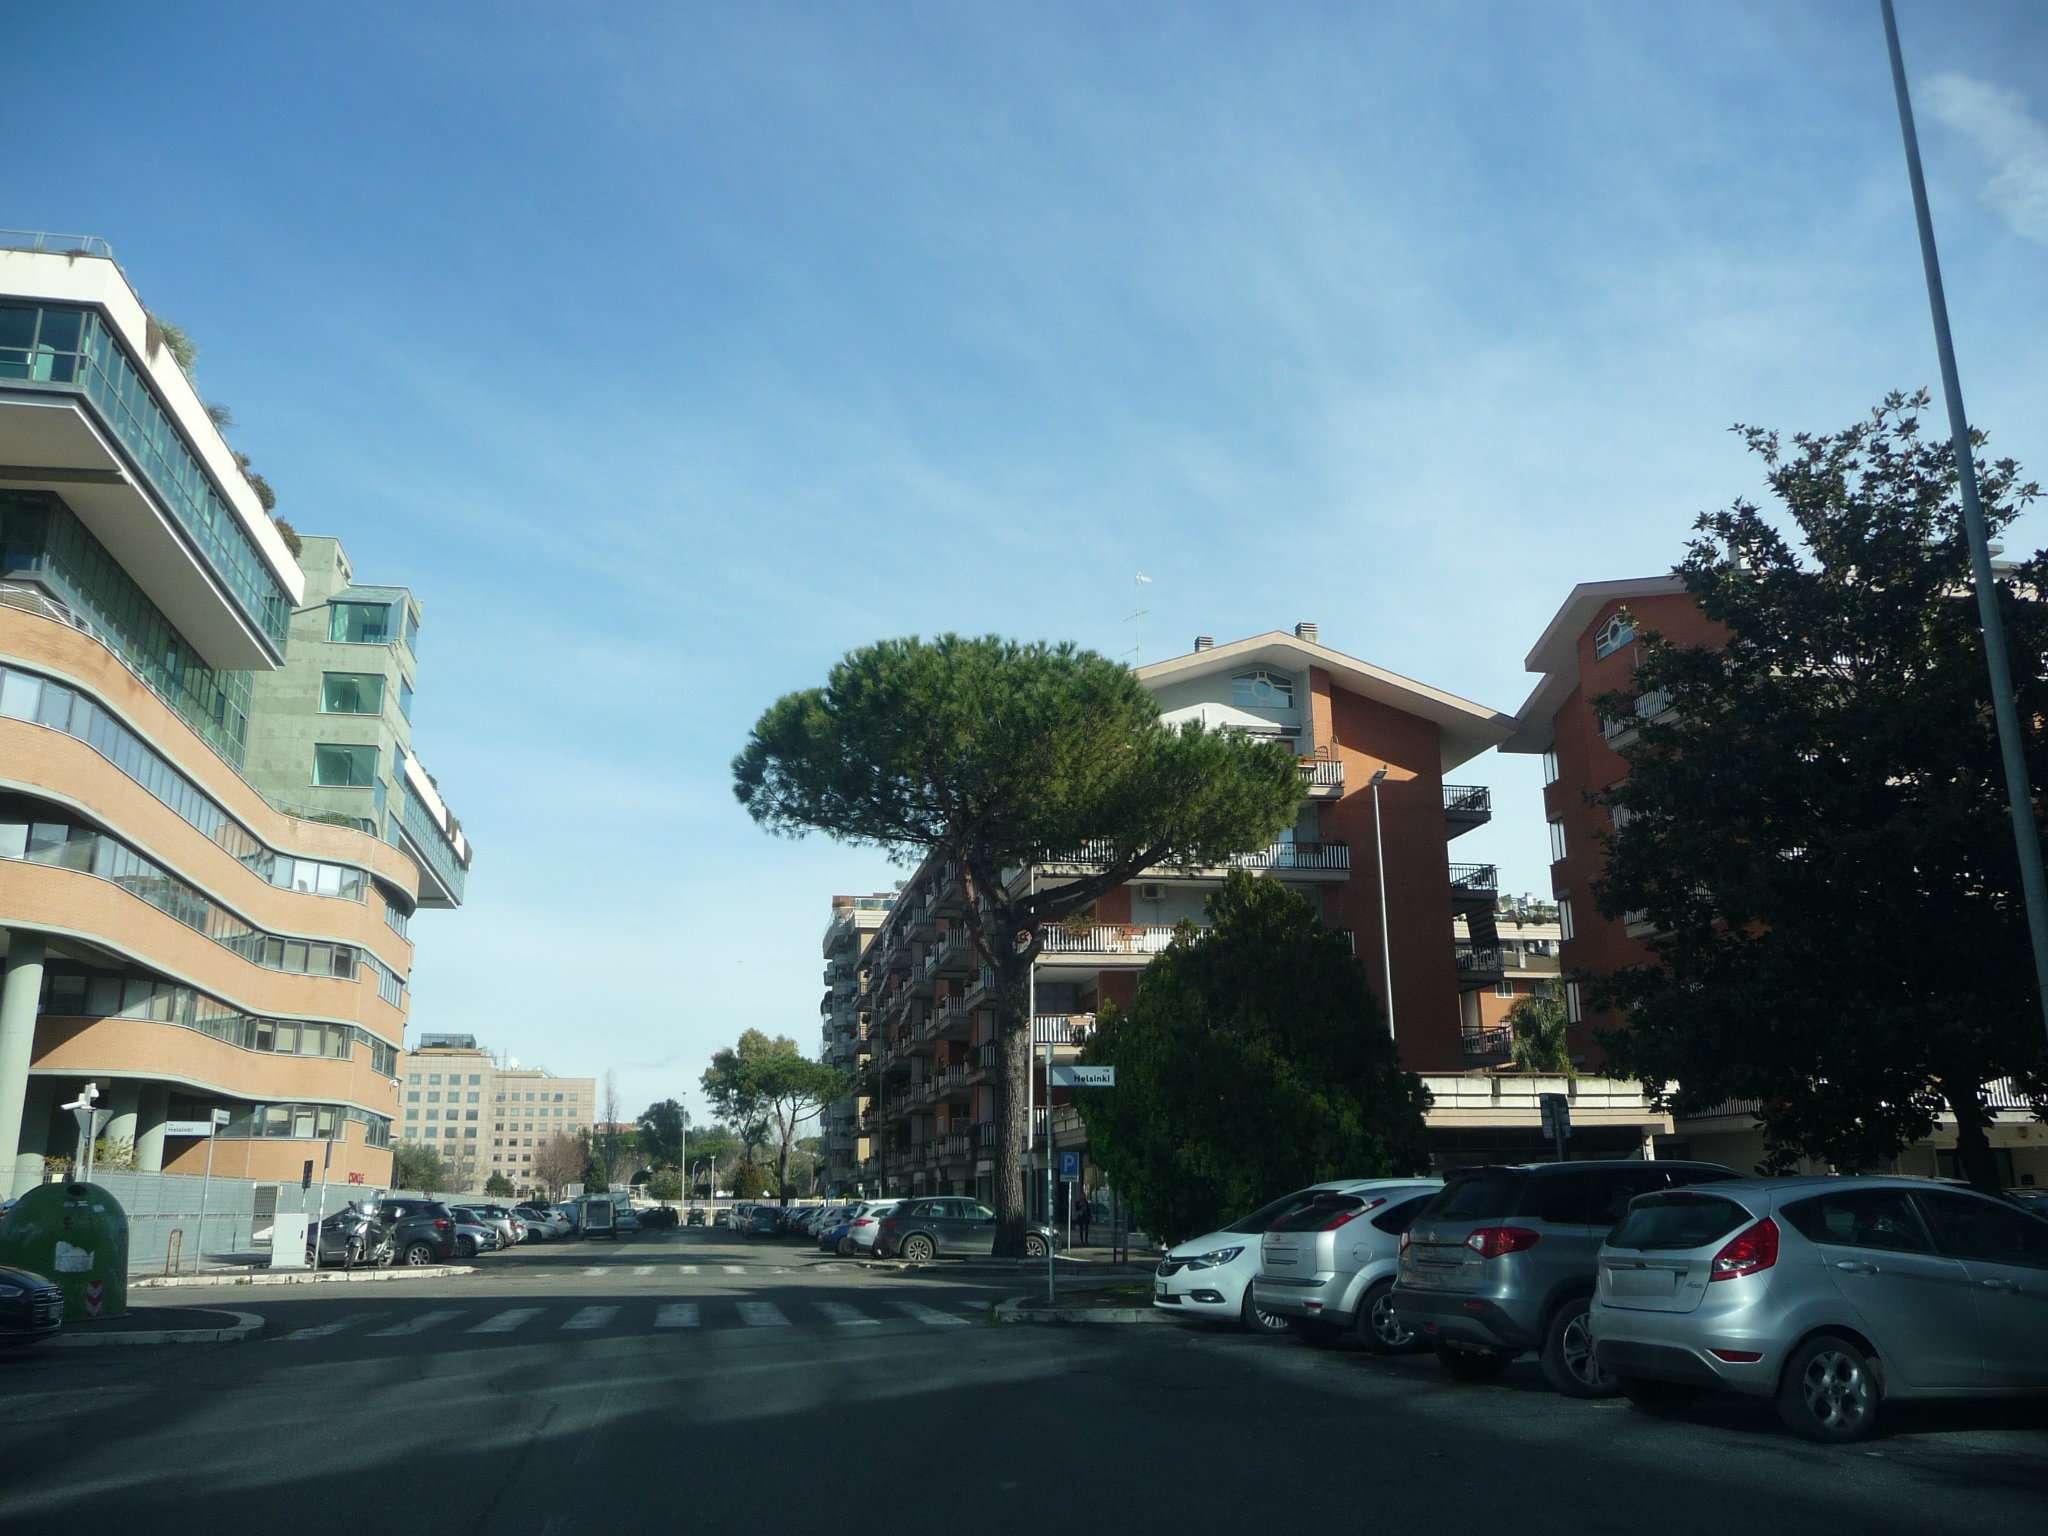 Affitto negozi e locali a roma for Affitto uffici zona eur